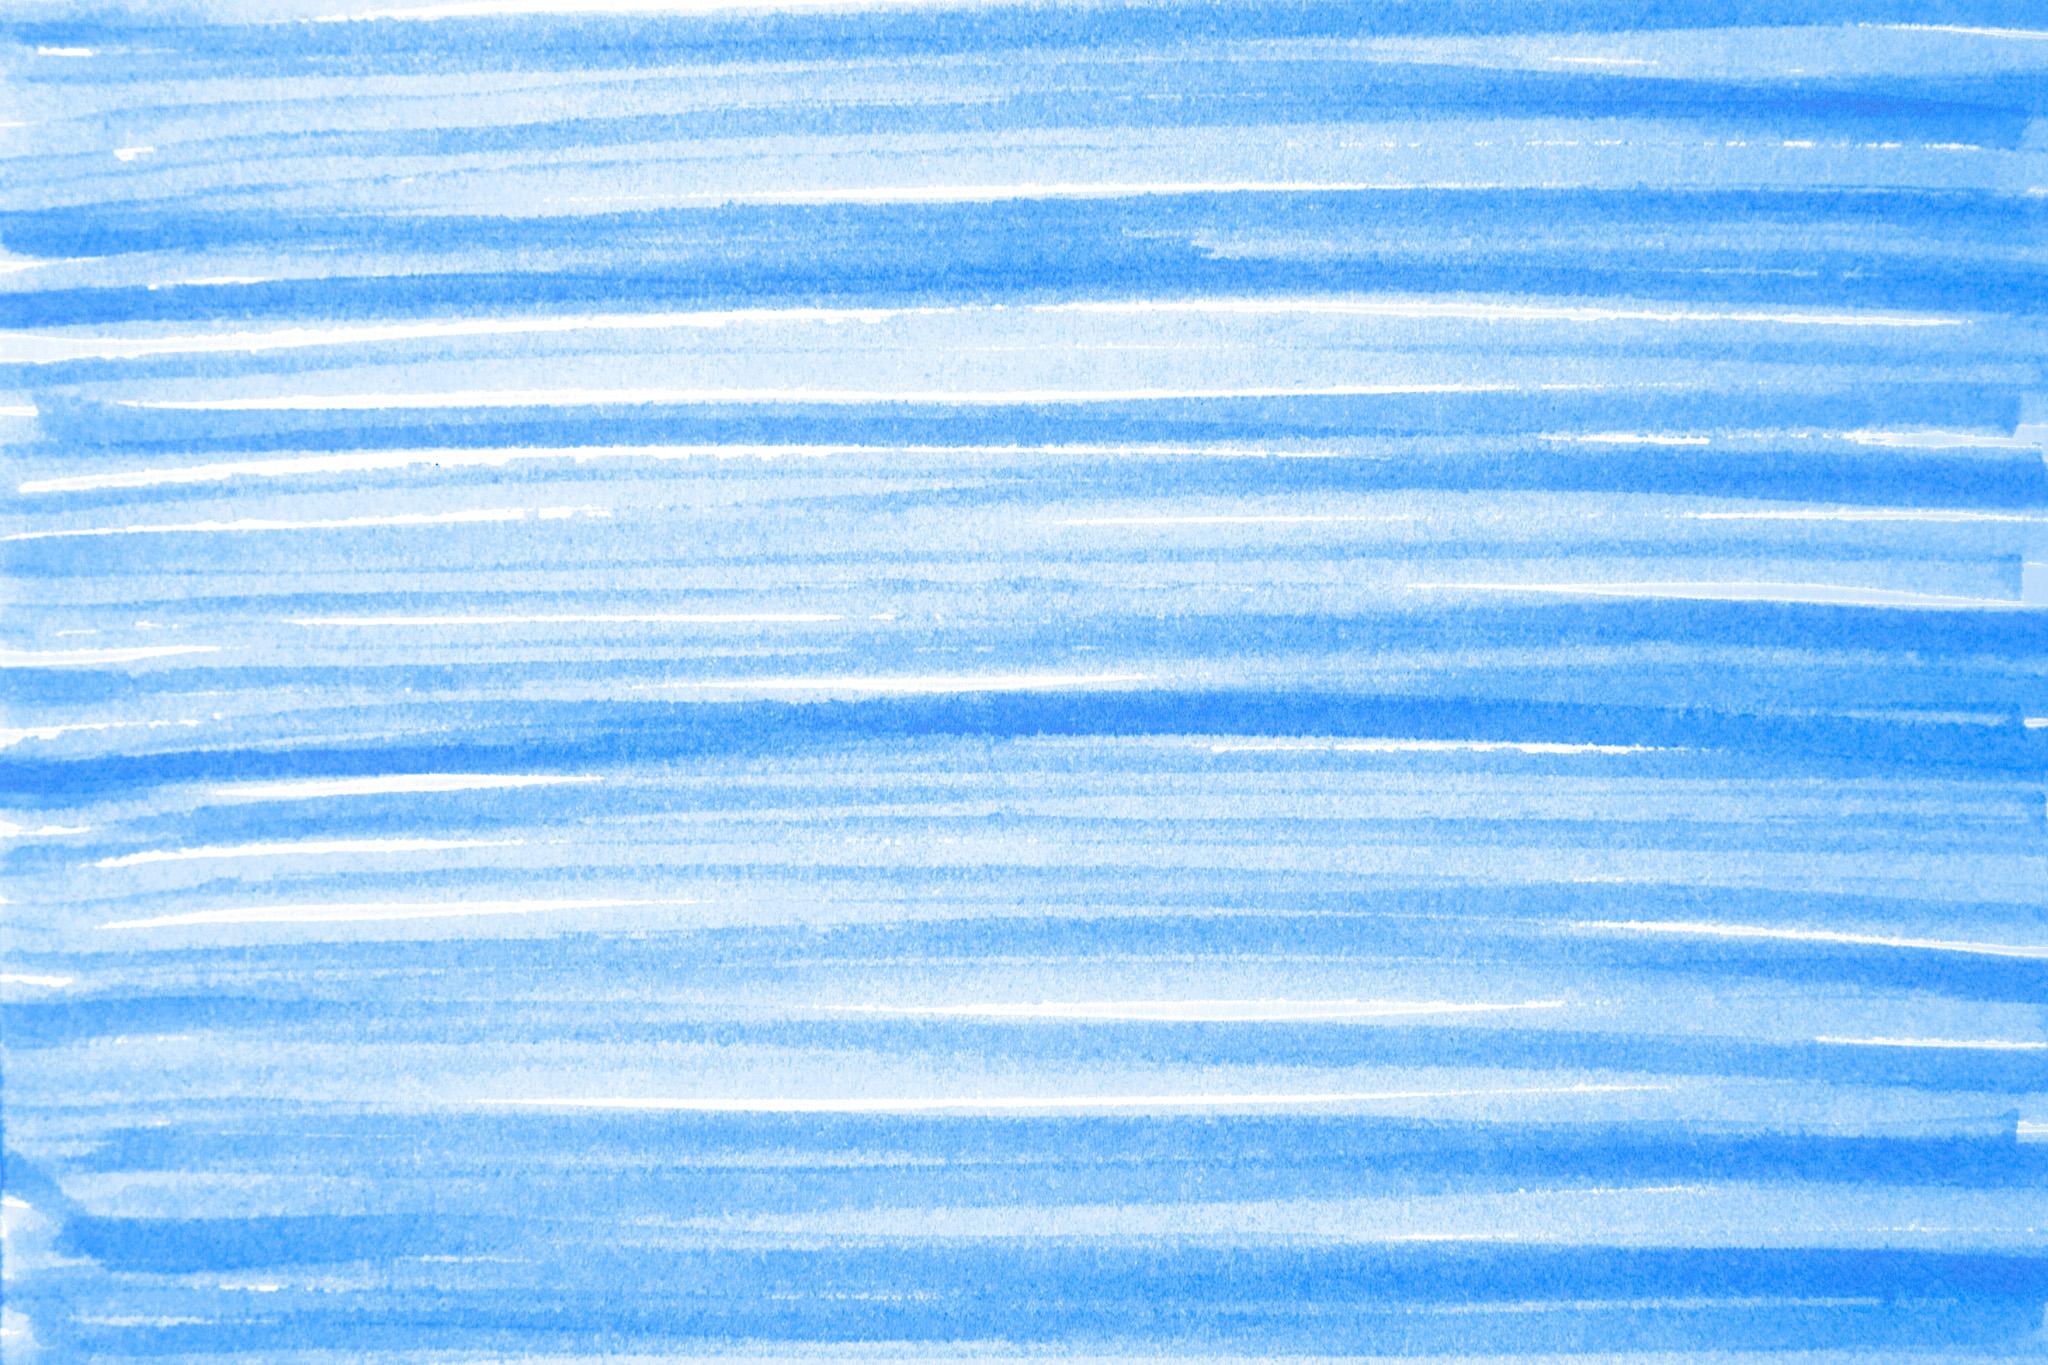 「青い水性マーカーのライン背景」